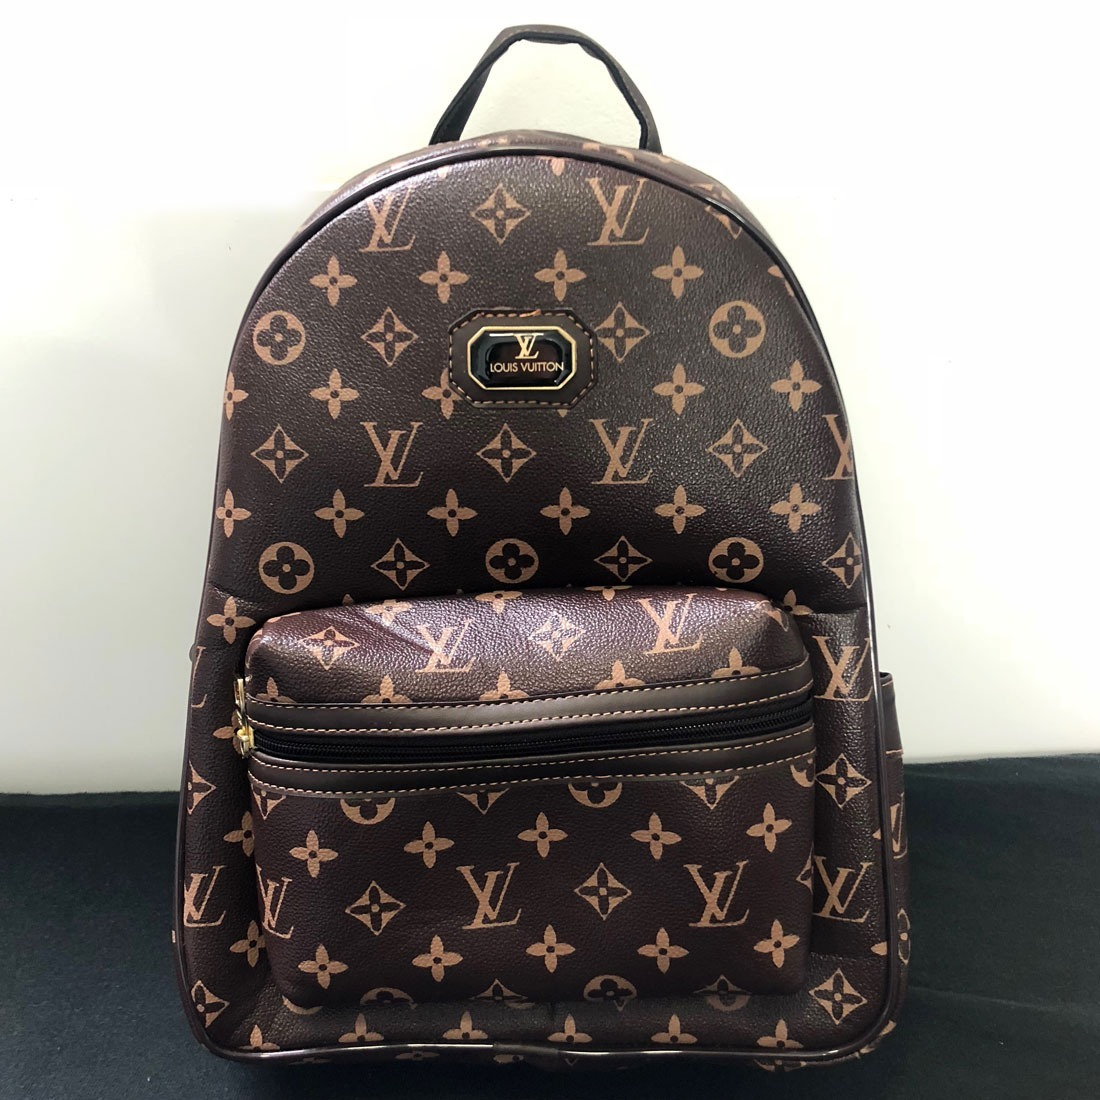 93d804134 mochila bolsa de couro unissex escolar média louis vuitton. Carregando zoom.